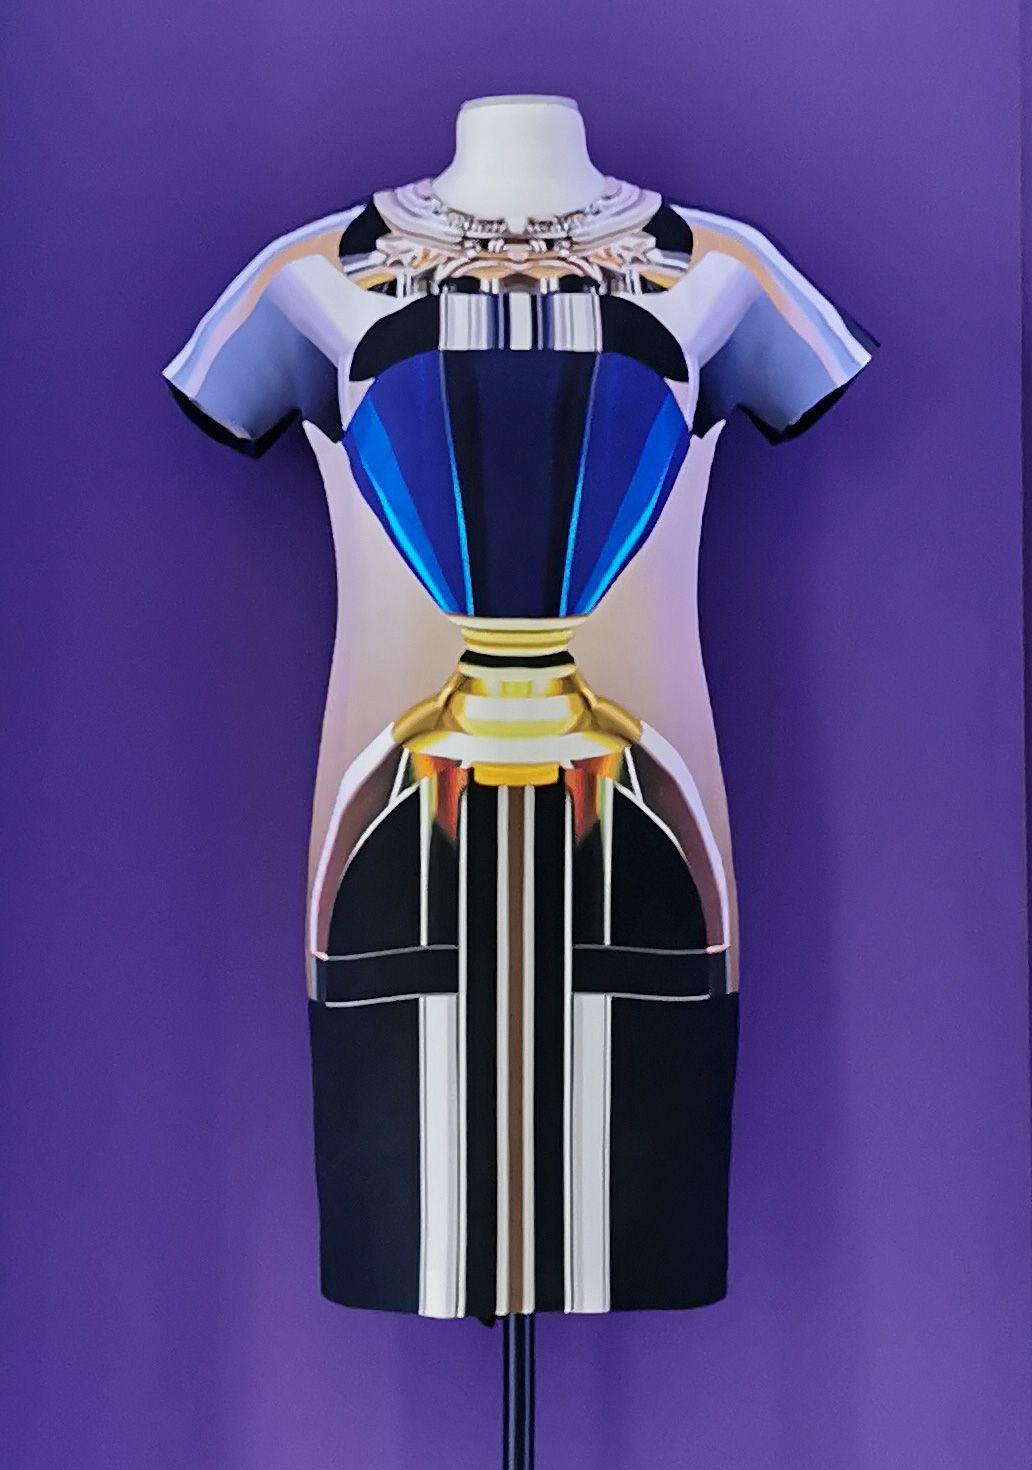 Mary Katrantzou - « Woman in a Bottle », 2009 - L'héritage surréaliste dans la mode au Château Borély - Chambre dite de Monsieur